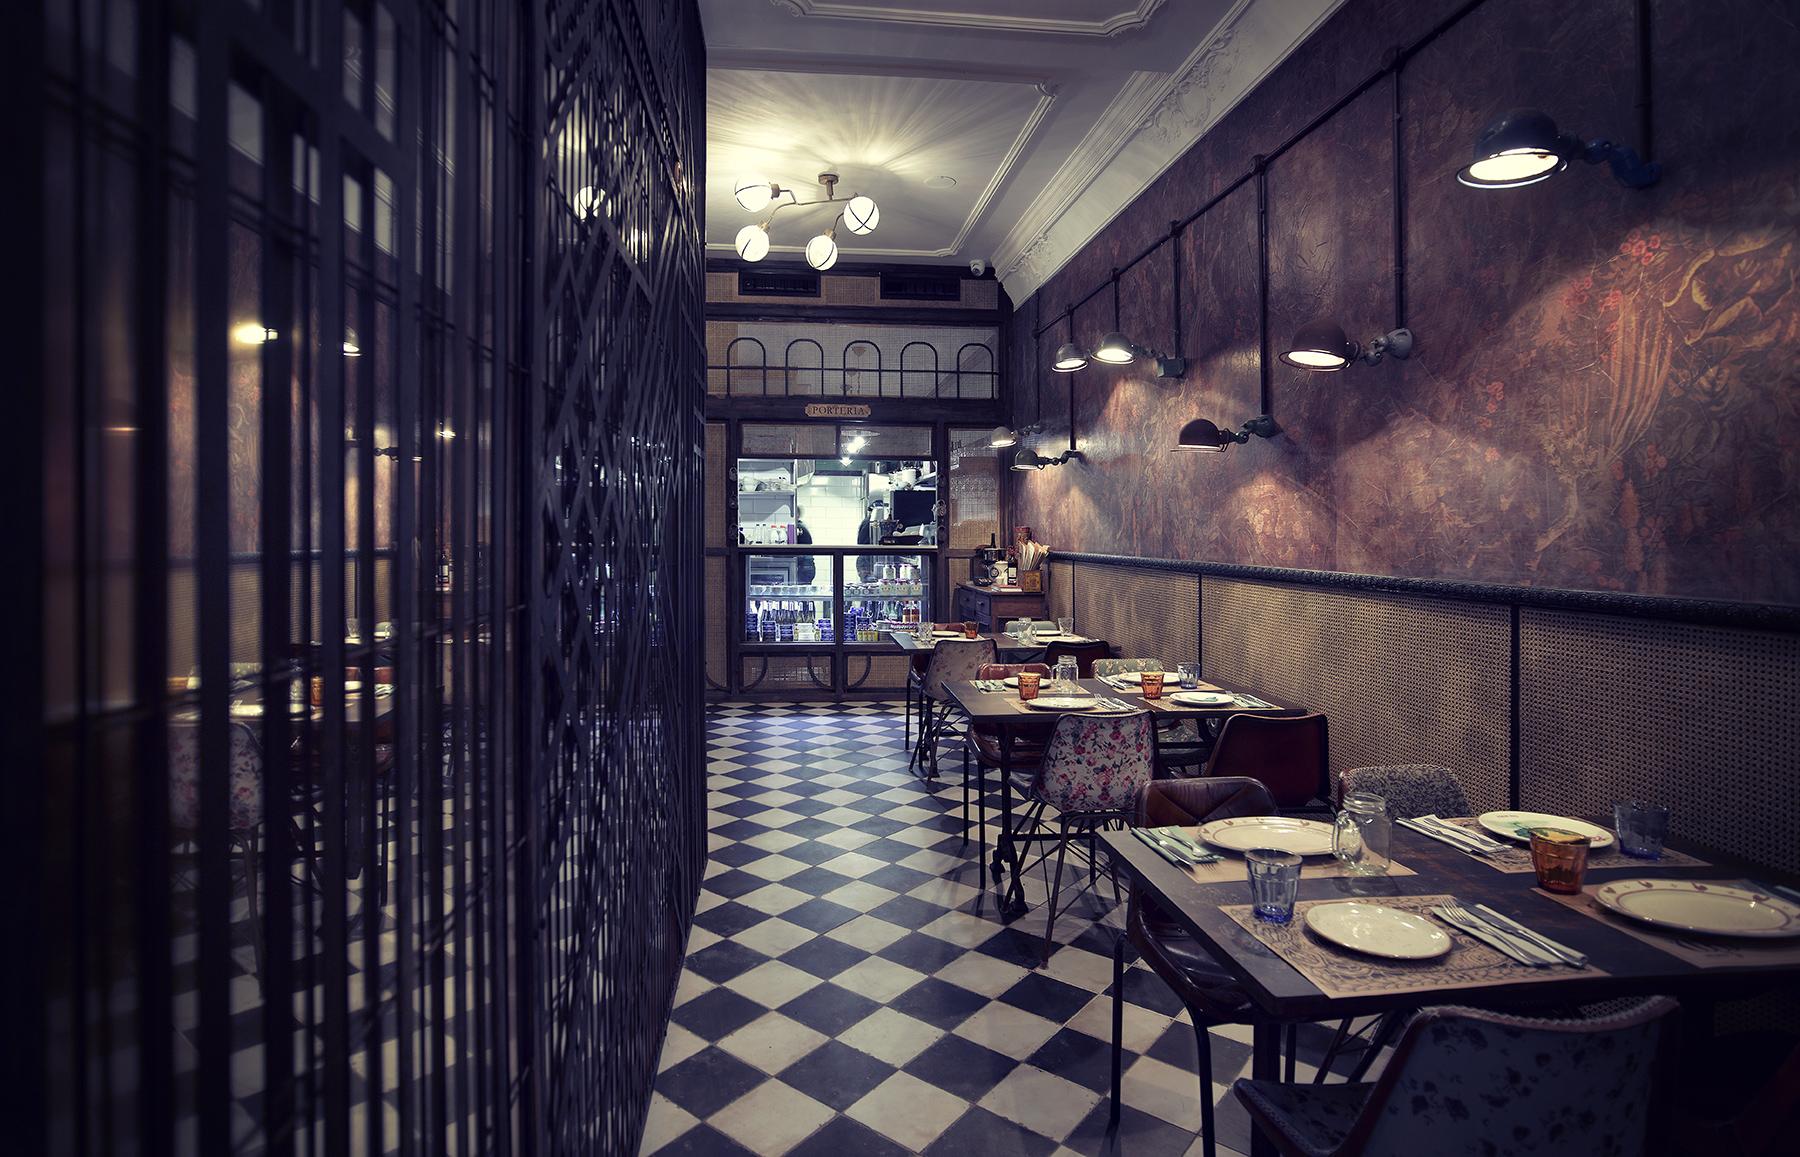 Imágenes. Proyectos de interiorismo para restaurantes. N5.